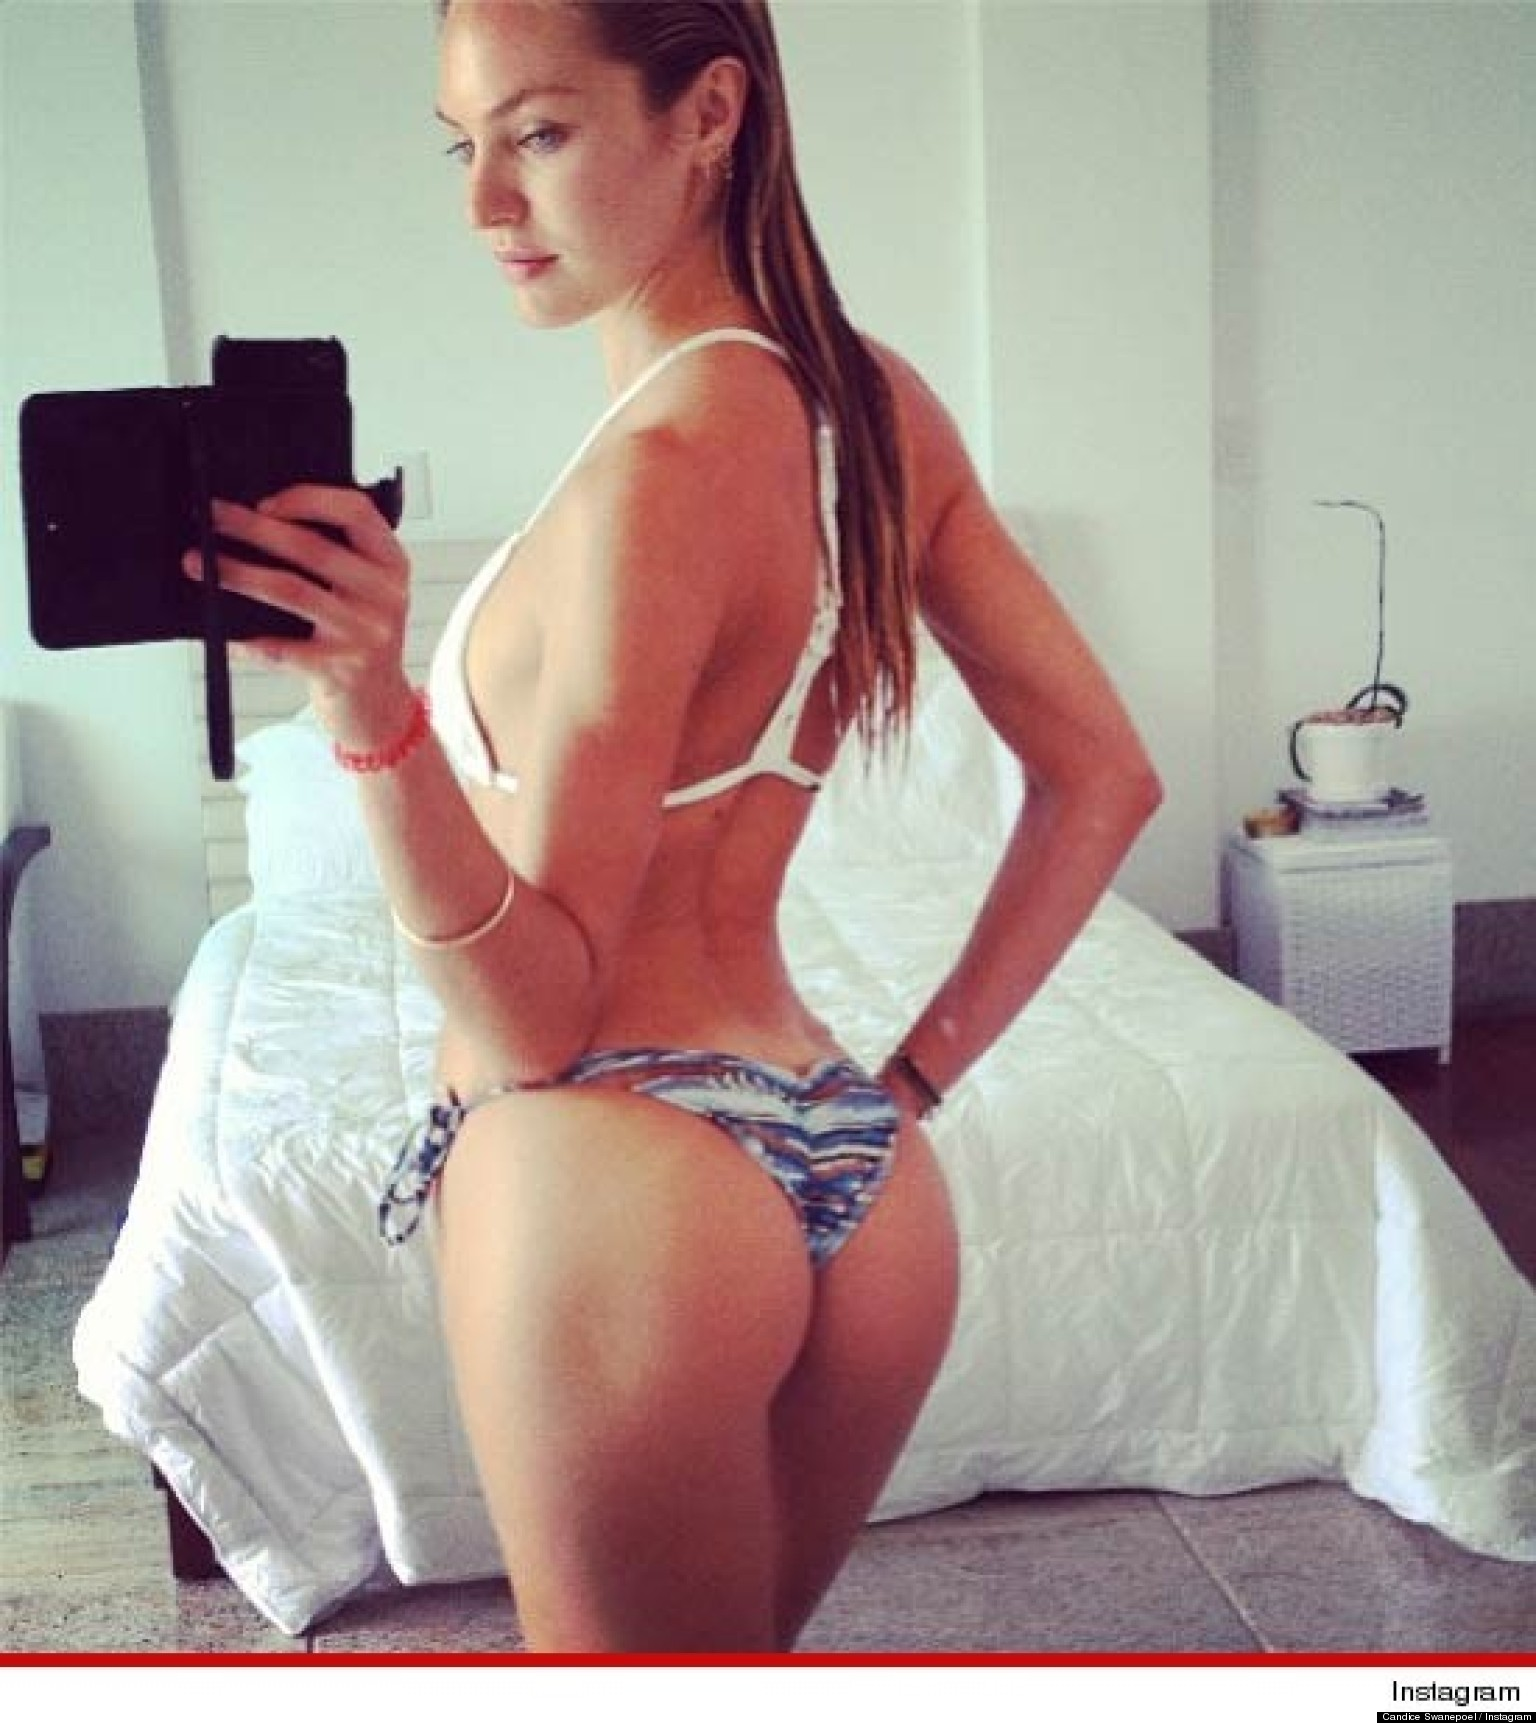 Karma Loves Big Tits - Video Porno